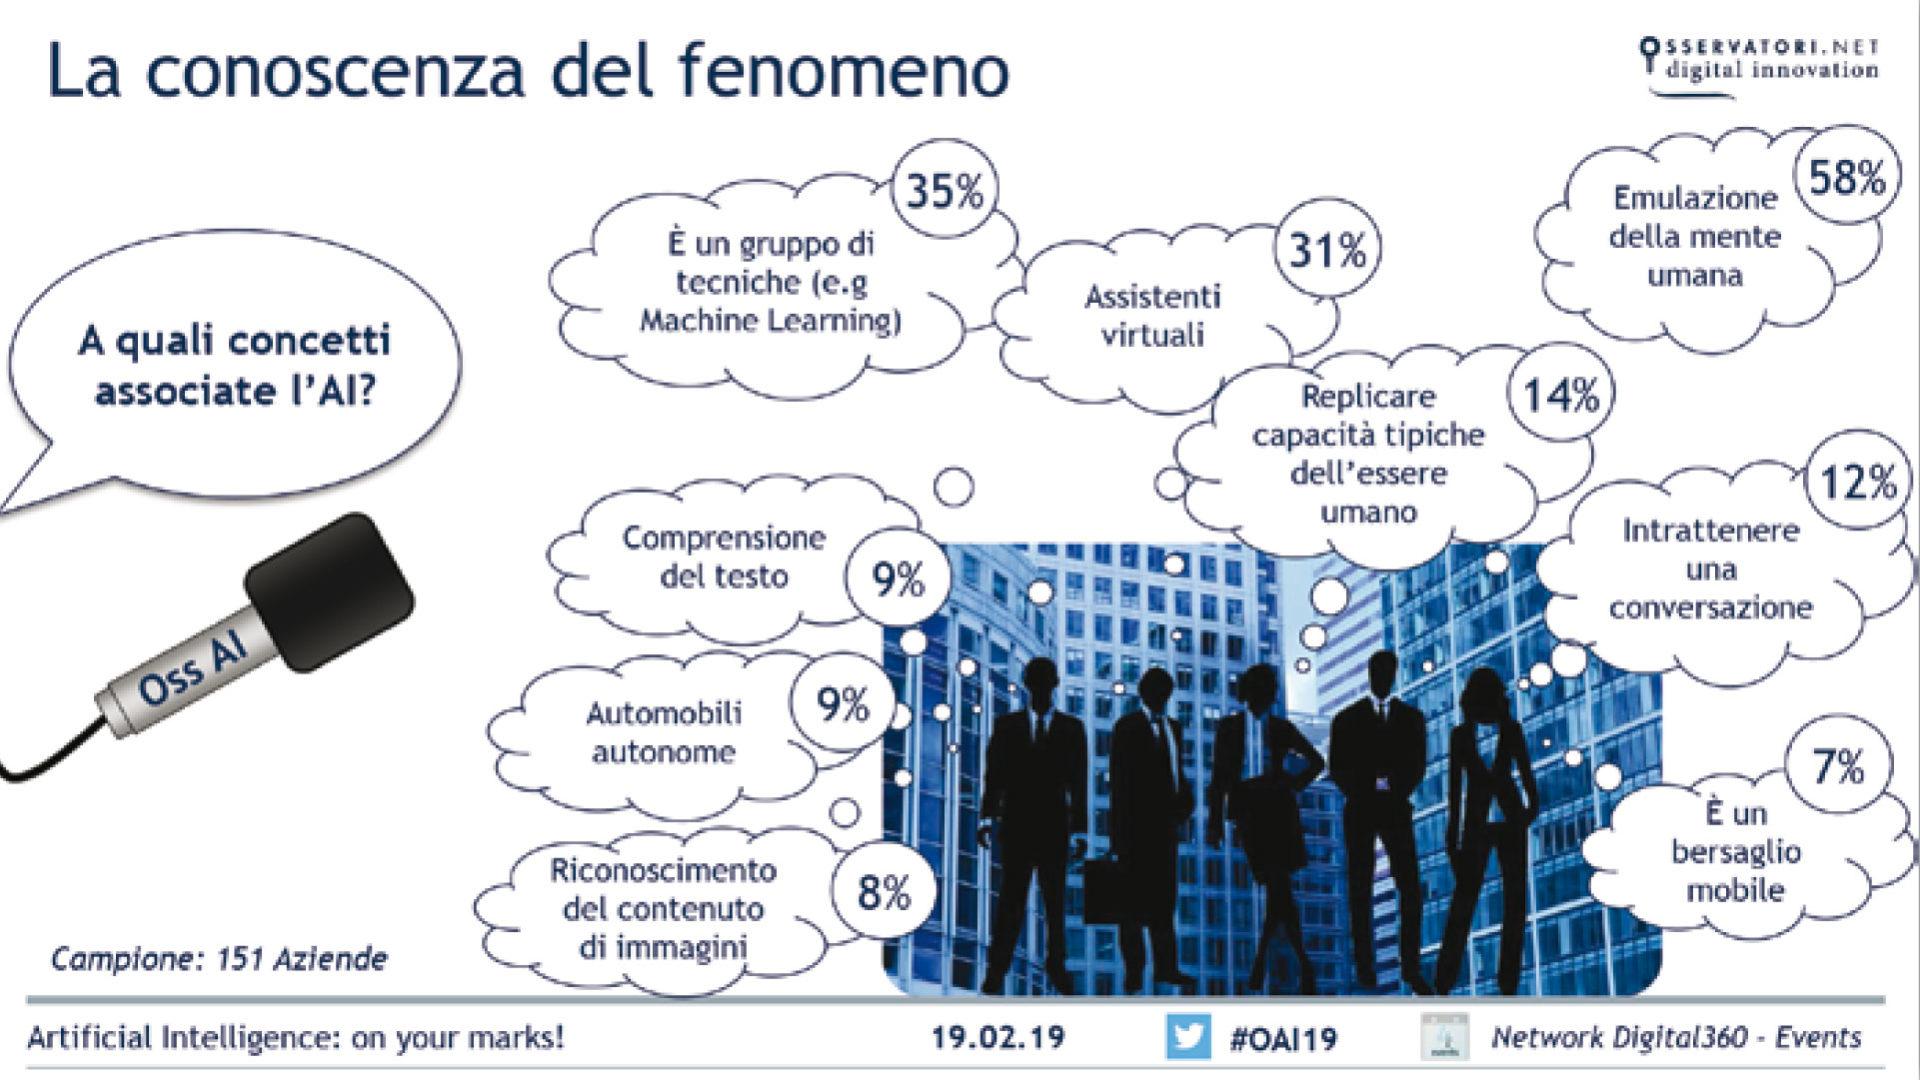 grafico che mostra La conoscenza dell'AI nelle aziende italiane